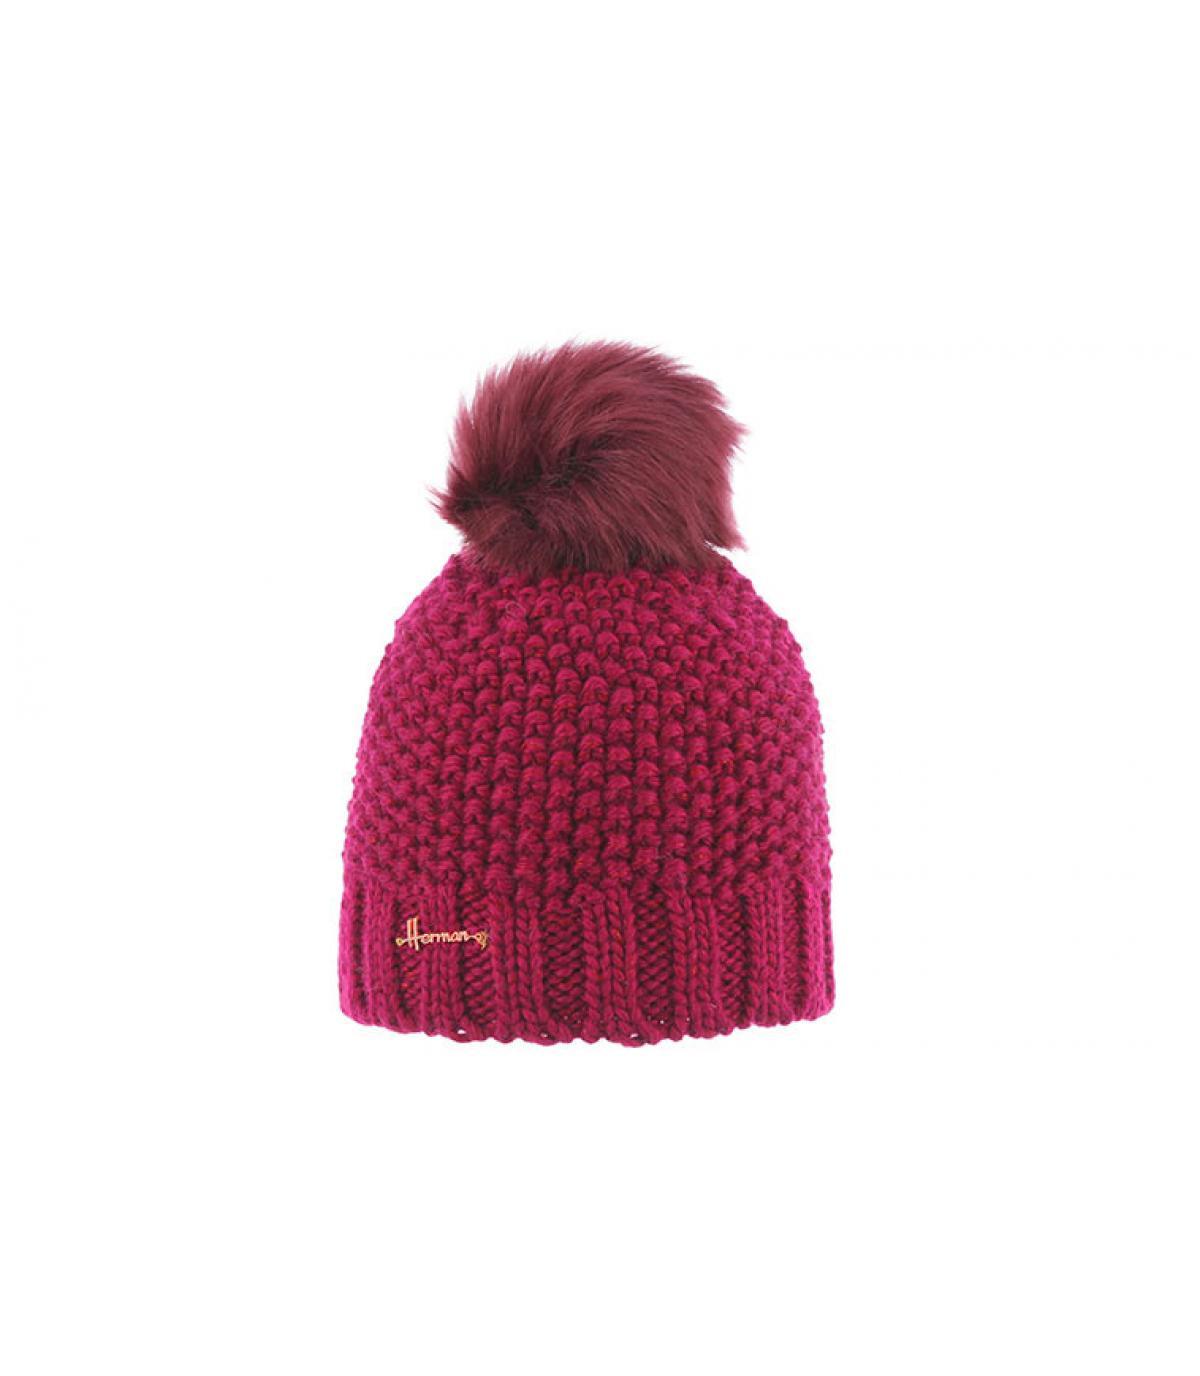 bonnet pompon rose femme